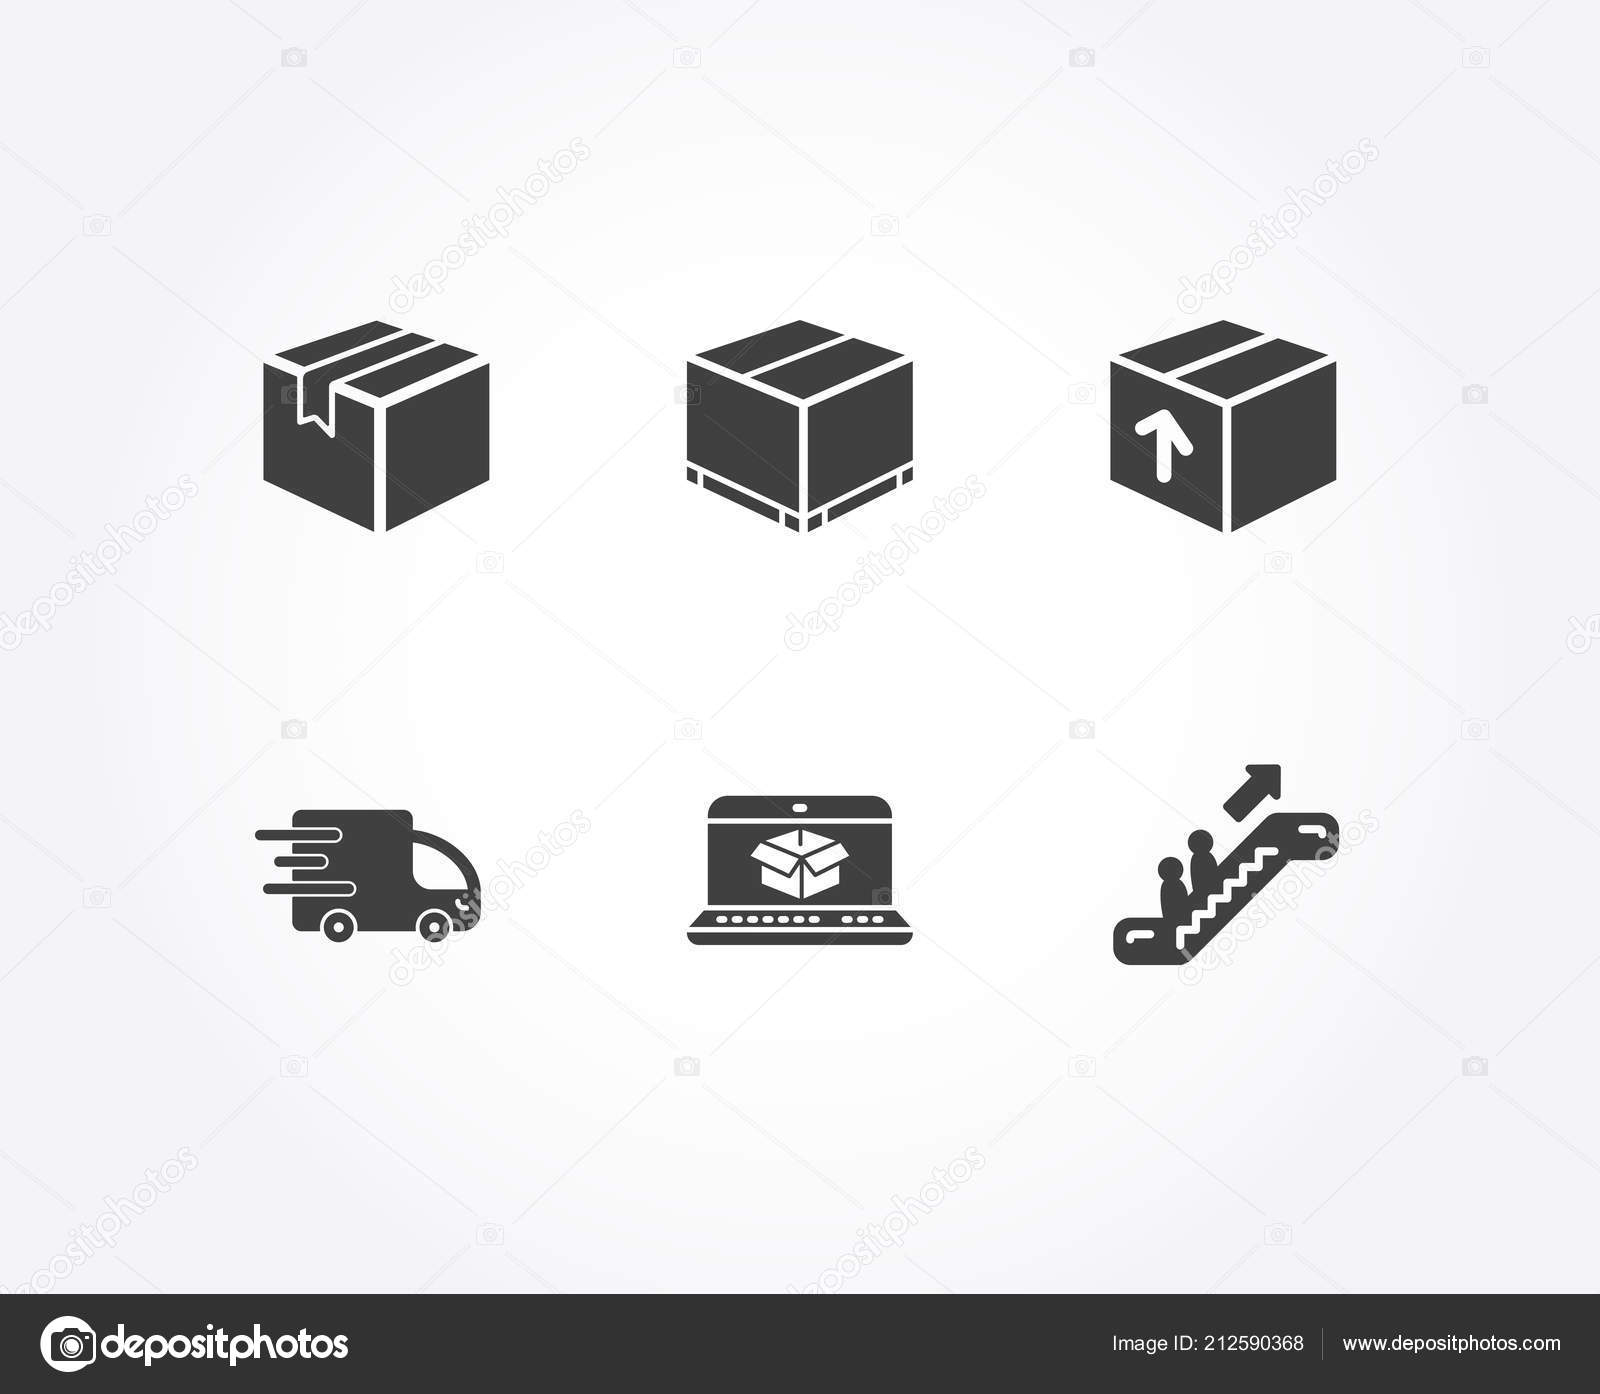 c5b66e5d09 Szett, csomag, Online szállítás és a szállítási box ikonok. Aláírja a  csomagot, mozgólépcső. Csomagkövető honlapján, rakomány csomag, Express  szolgáltatás.